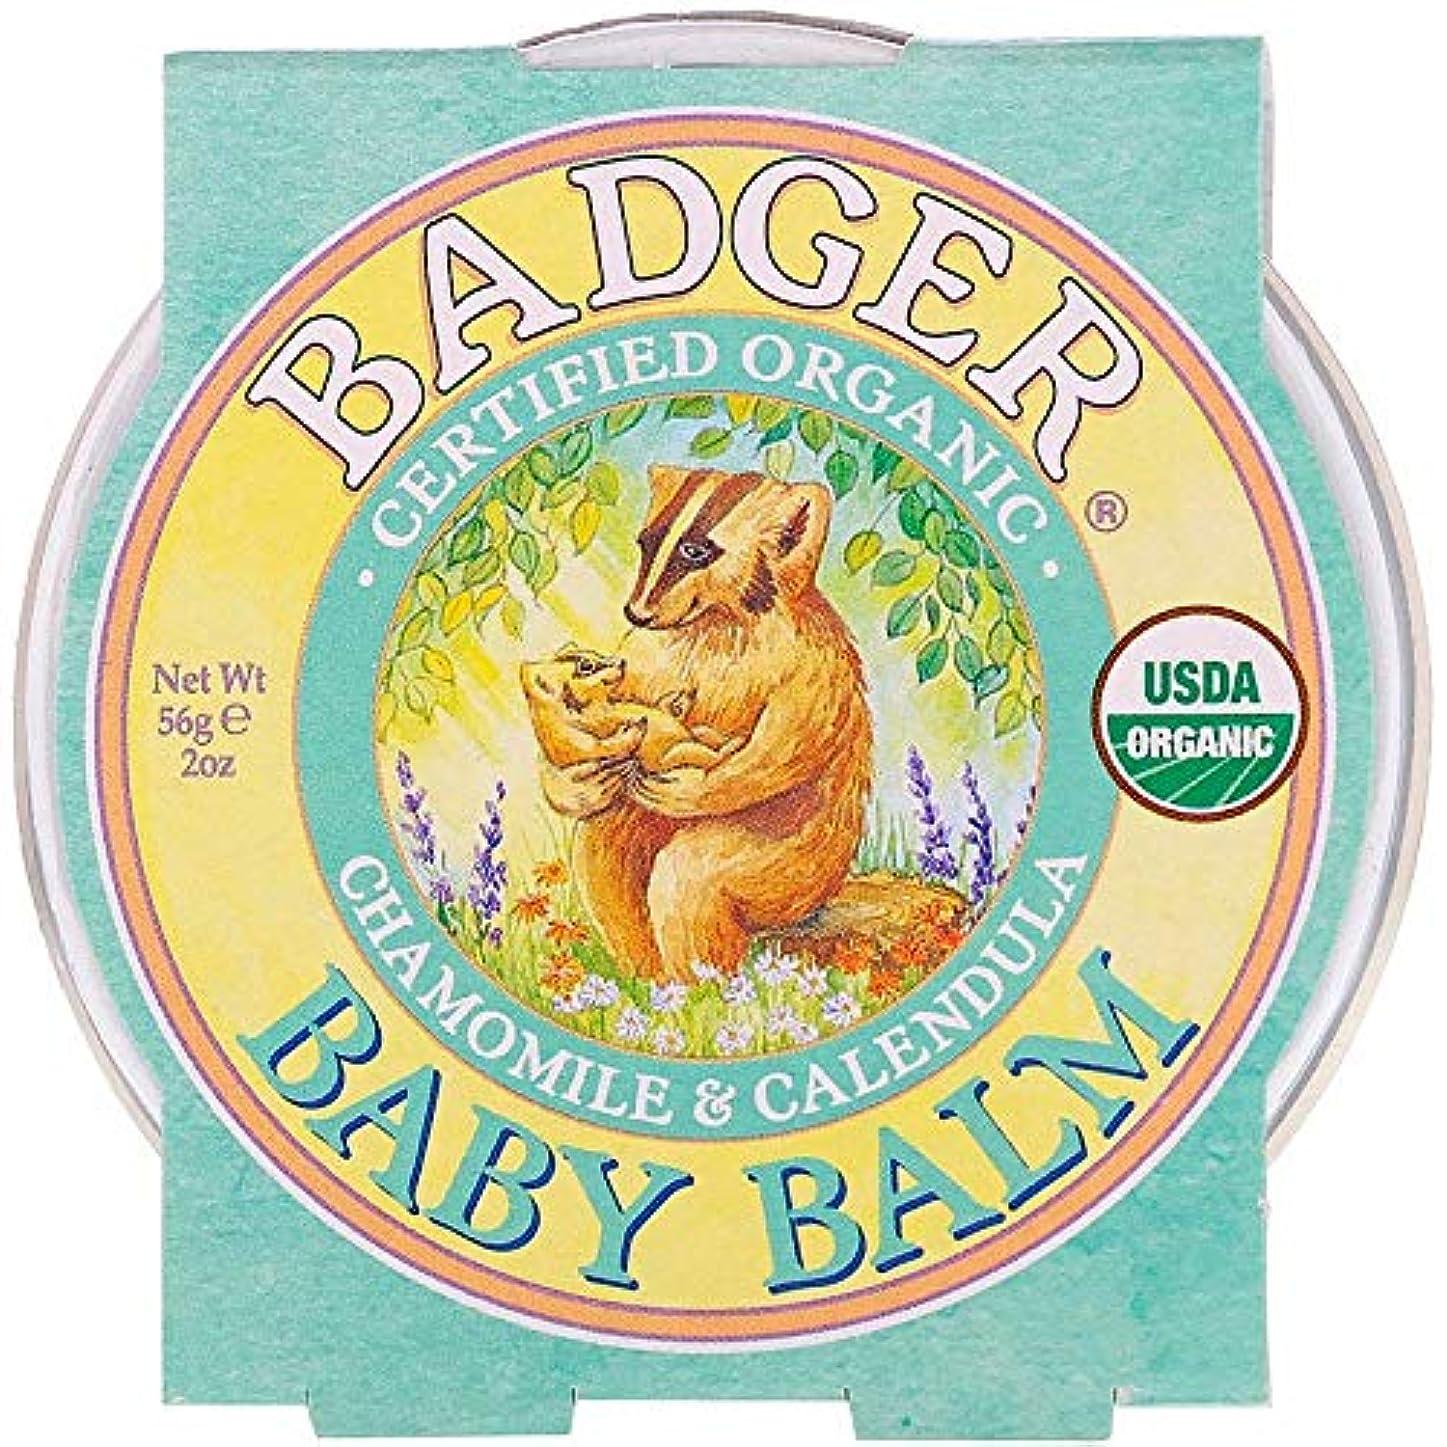 形容詞貨物卒業記念アルバムバジャー(BADGER) デリケートバームChamomile & Calendula, 2 oz (56 g)- 2Packs